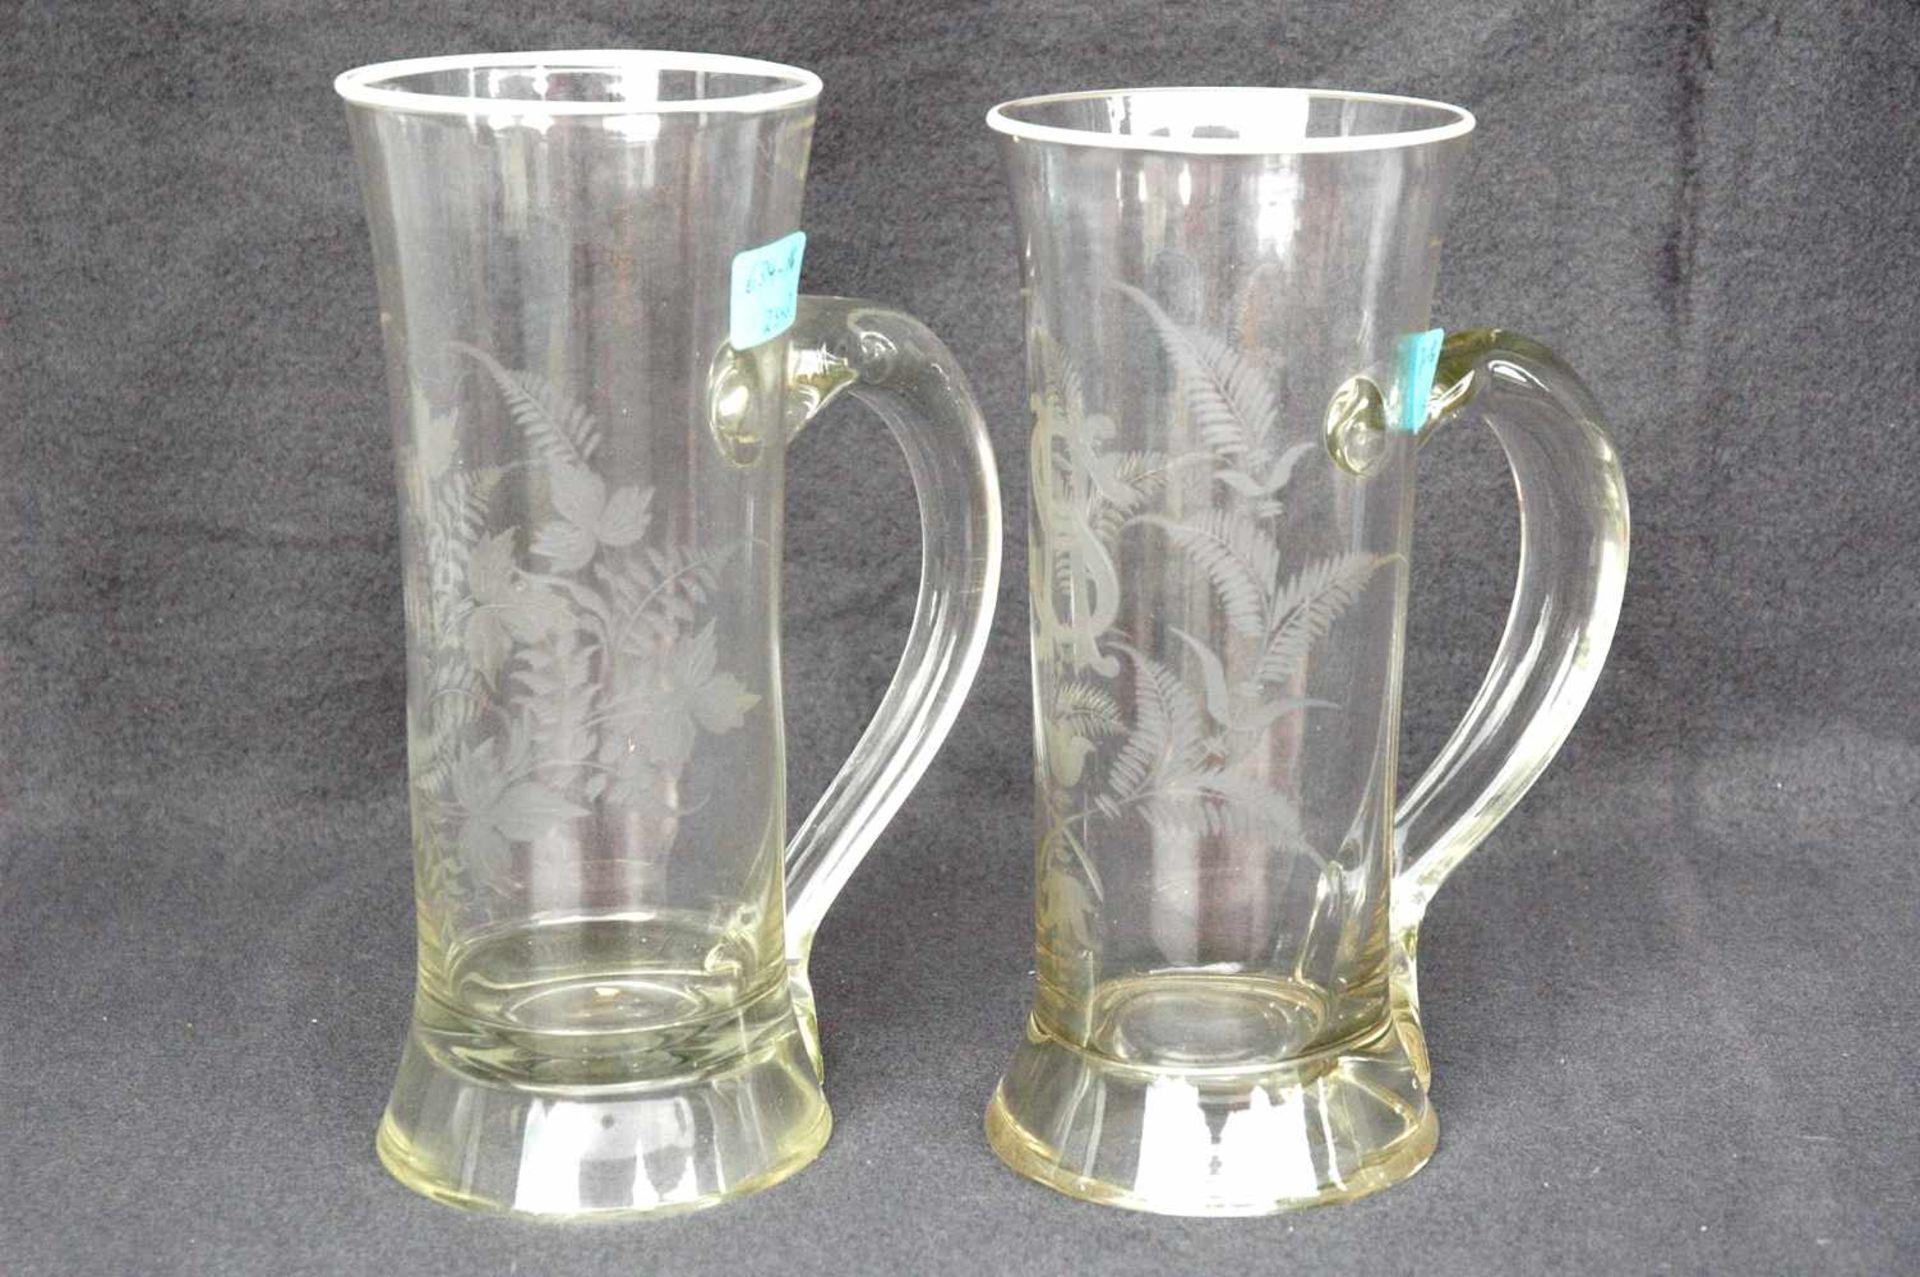 Biedermeier-Glas: zwei Biergläser mit Griffen, geschliffene Blattranken.1= 0,5 l, W. Schulze, h=